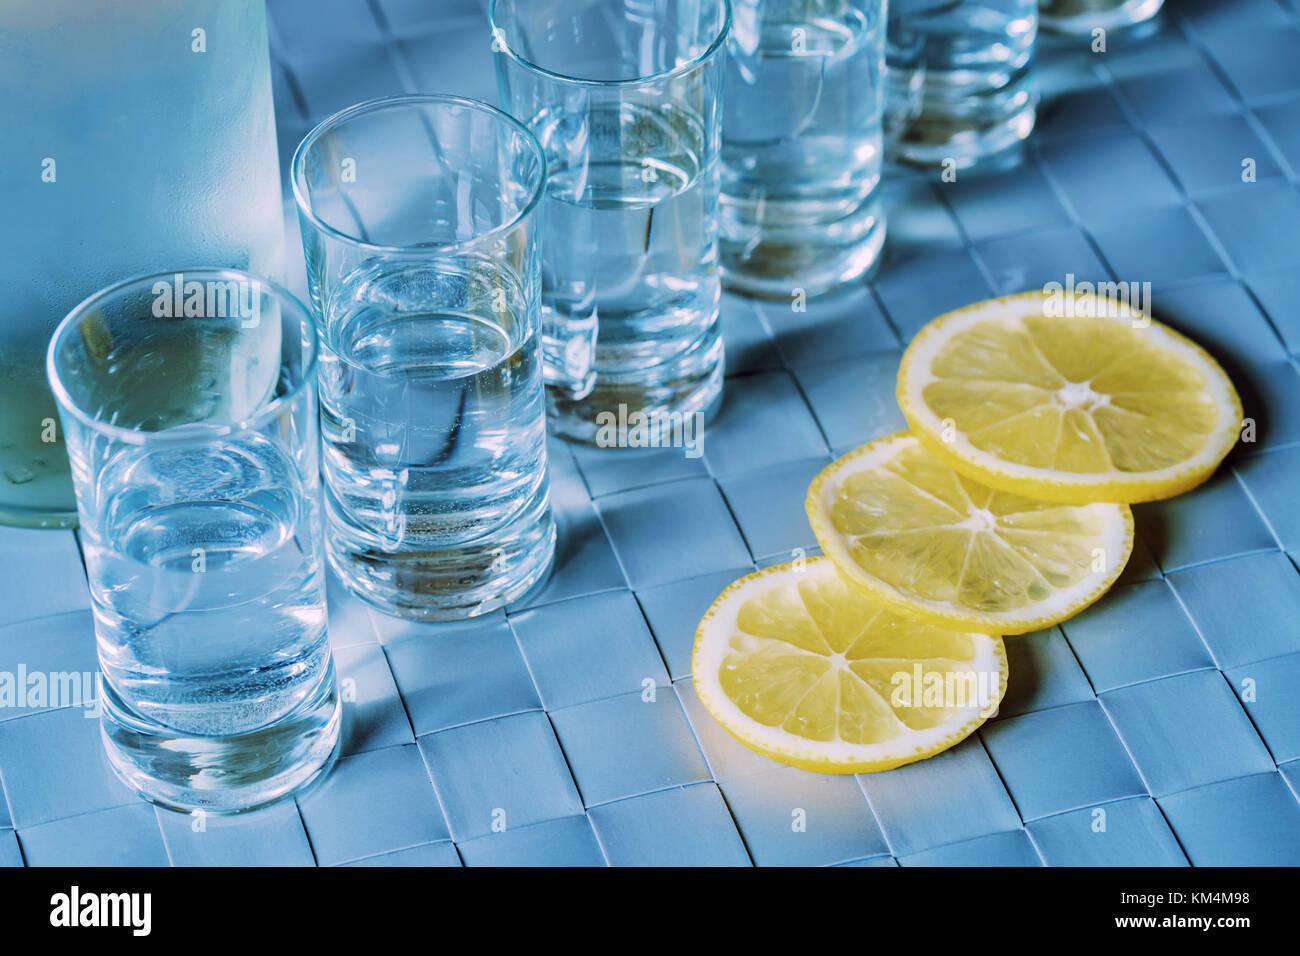 Vodka Shot Glas und Zitrone auf blaue Fläche Stockbild